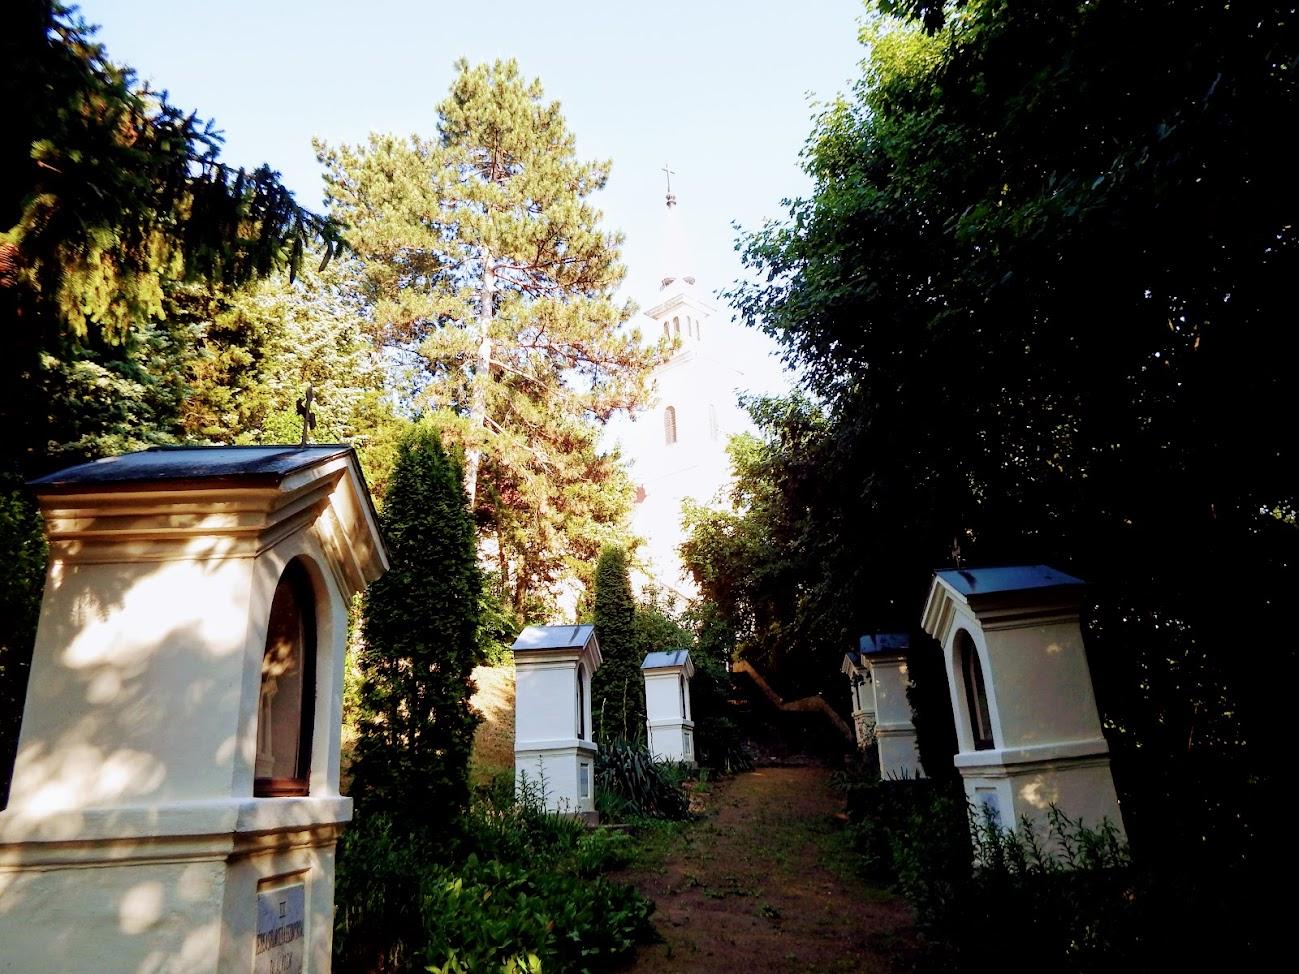 Lengyeltóti - Szent Jakab rk. templom és kálvária a templomdombon